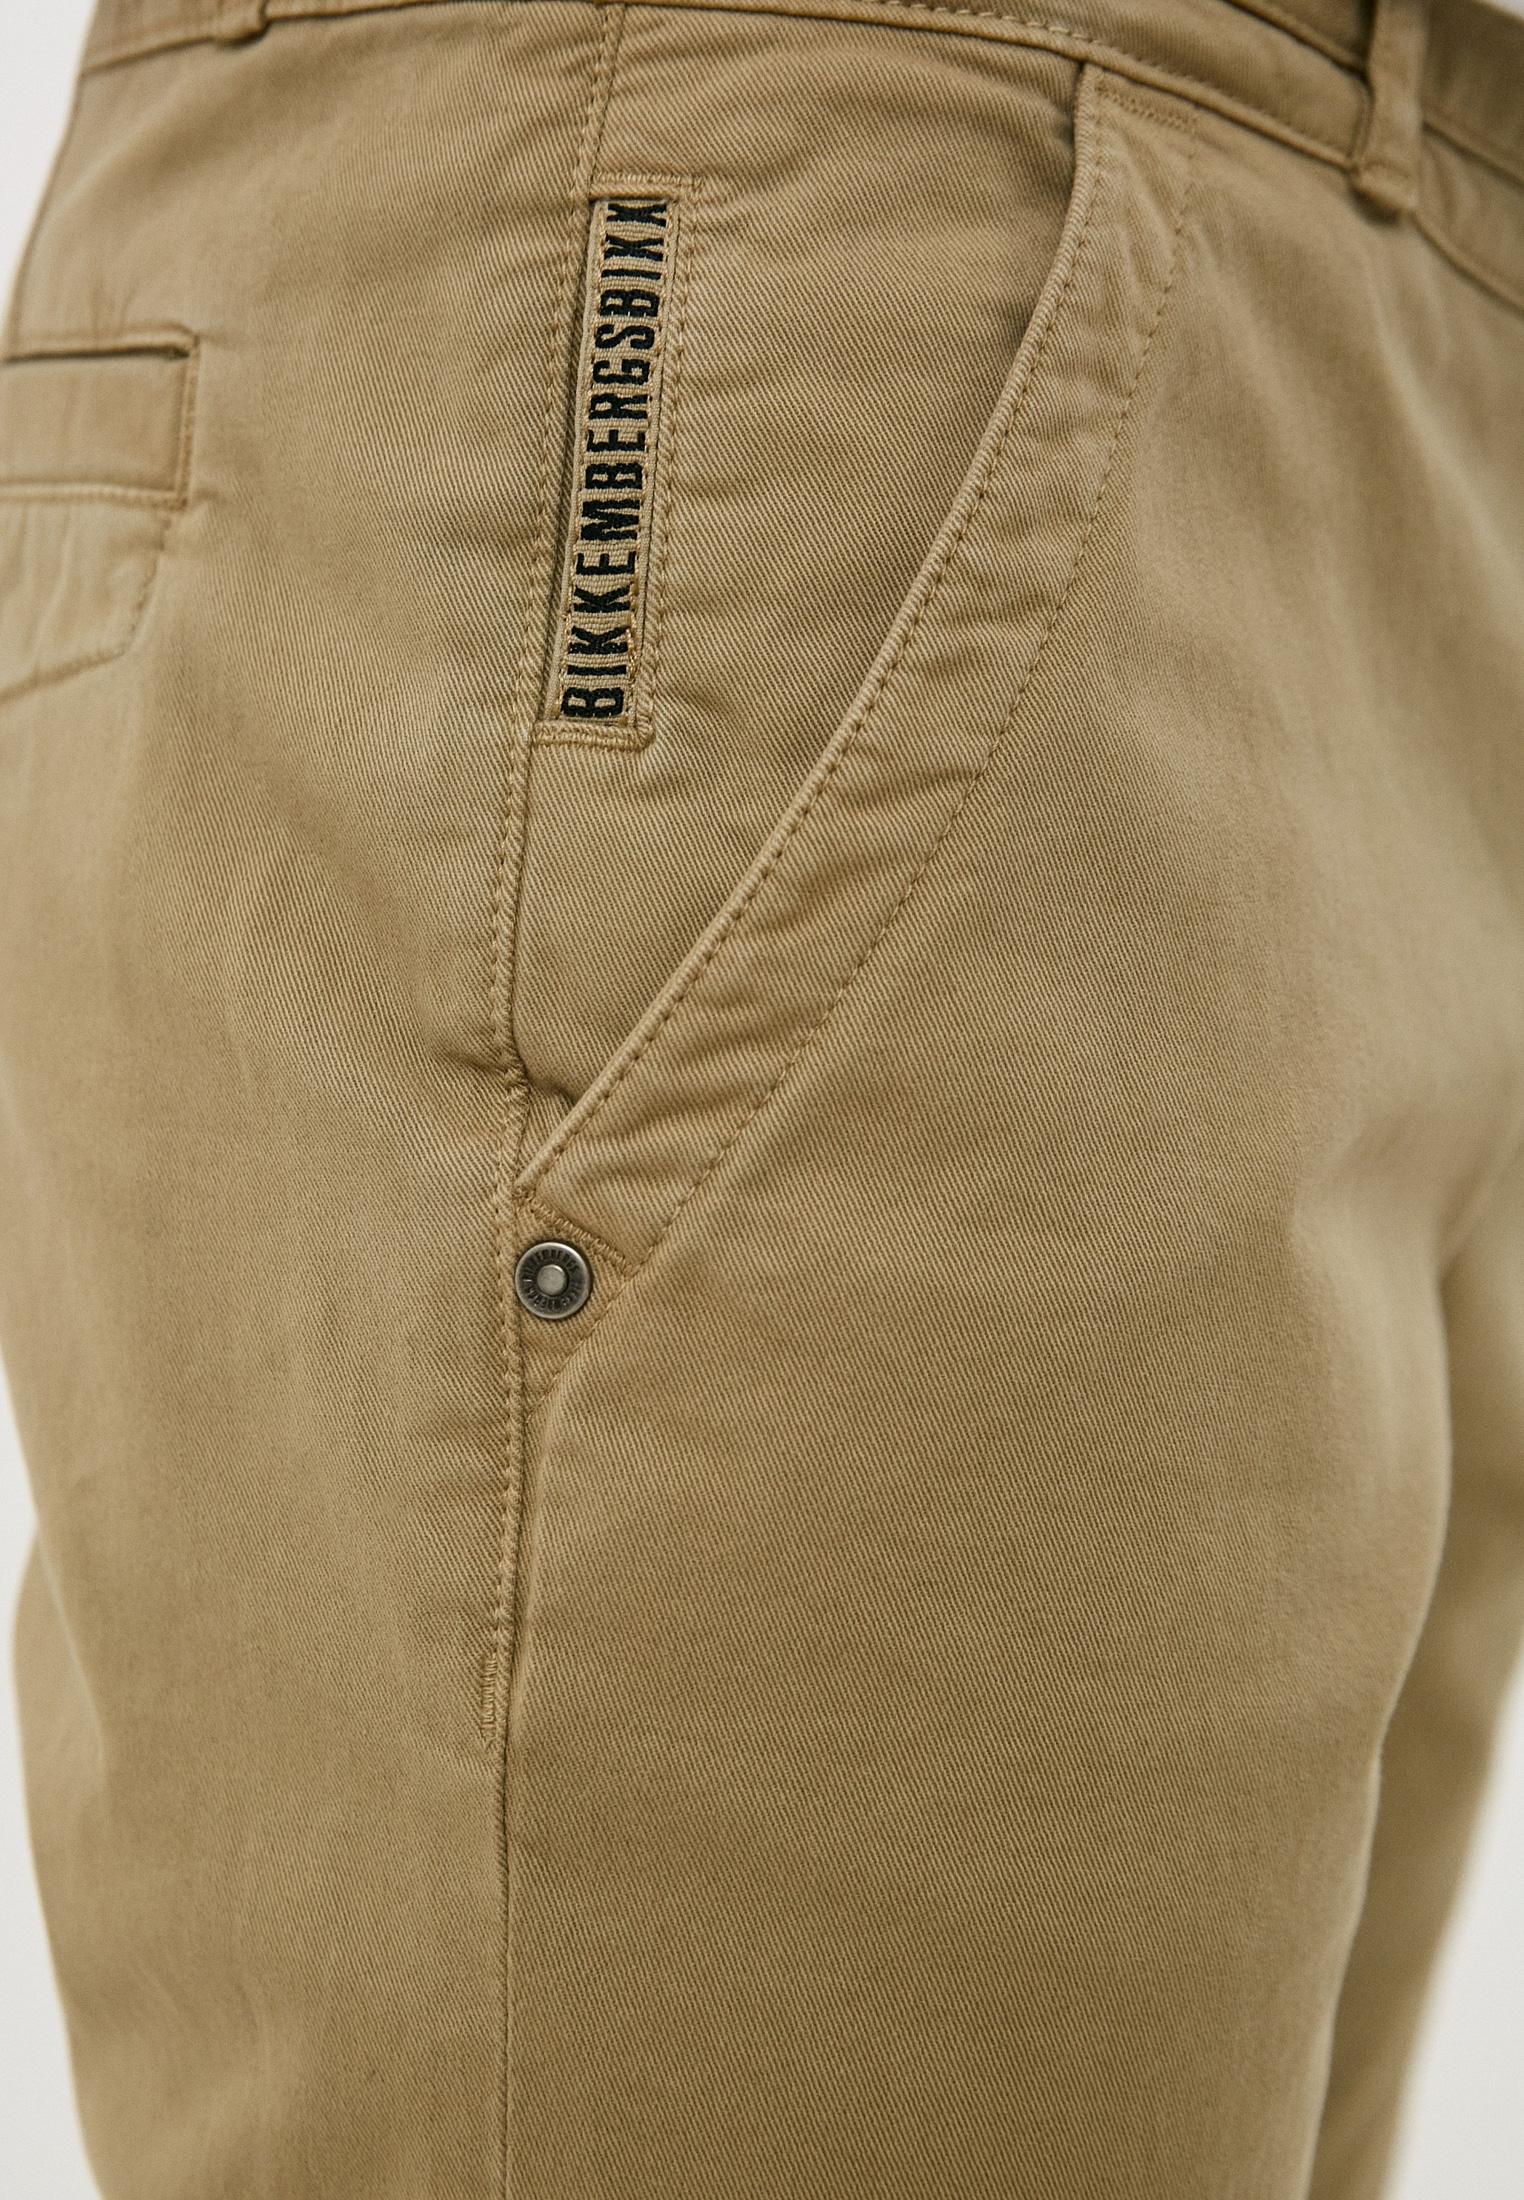 Мужские повседневные брюки Bikkembergs (Биккембергс) C P 112 00 S 3279: изображение 5